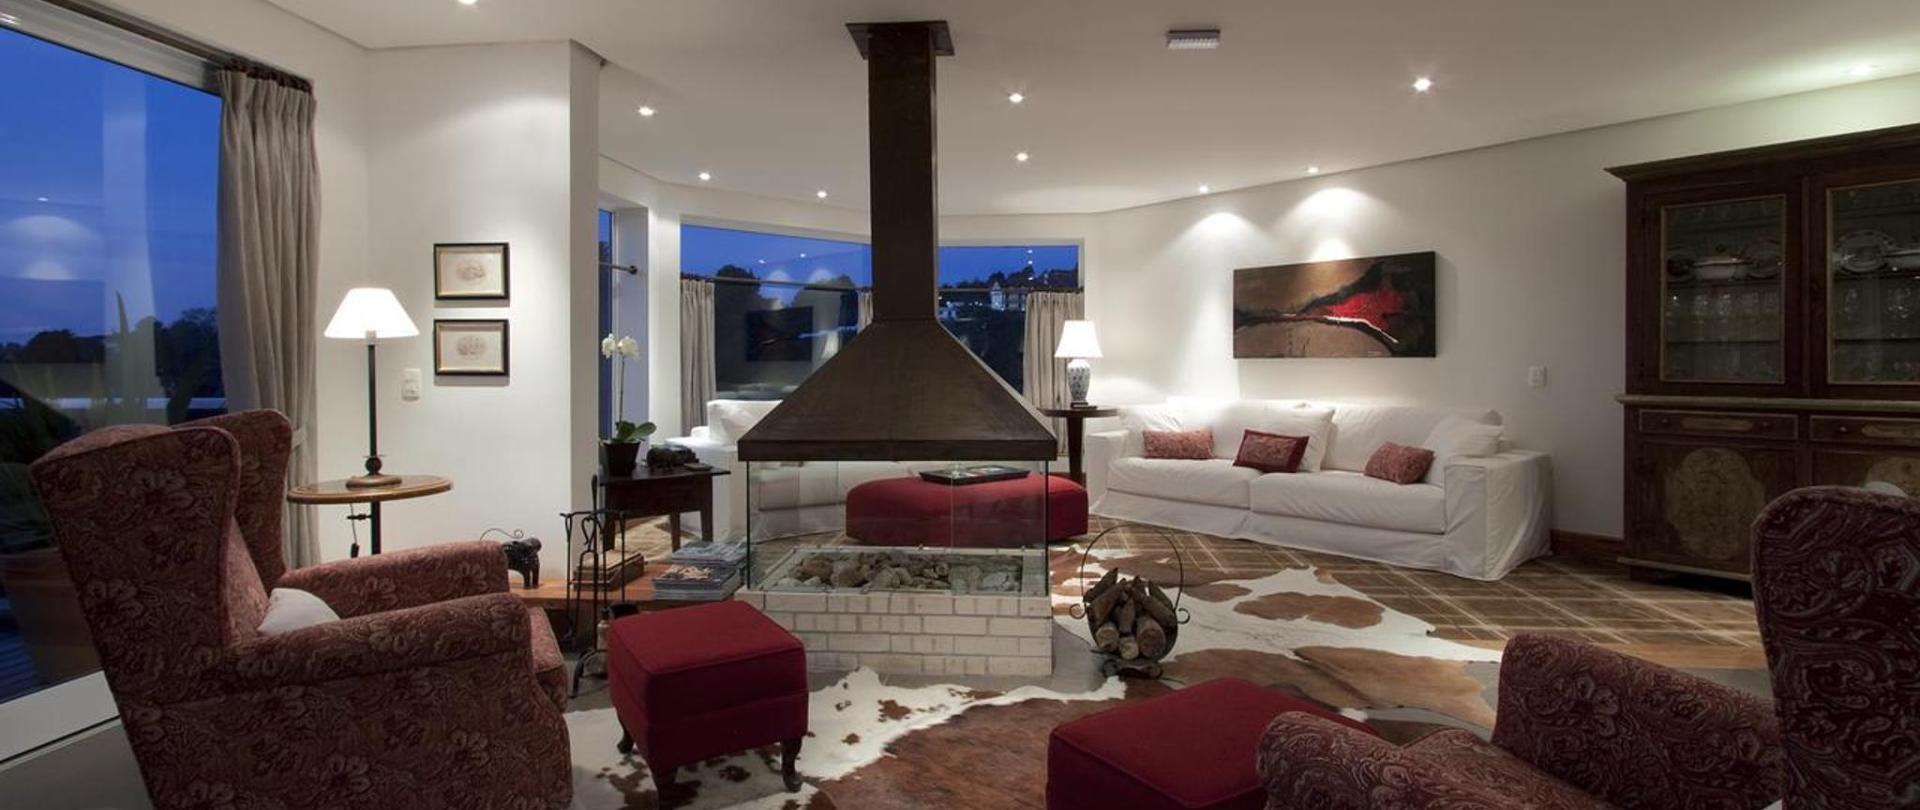 L.A.H Hostellerie - Campos do Jordão - Brasil.jpg